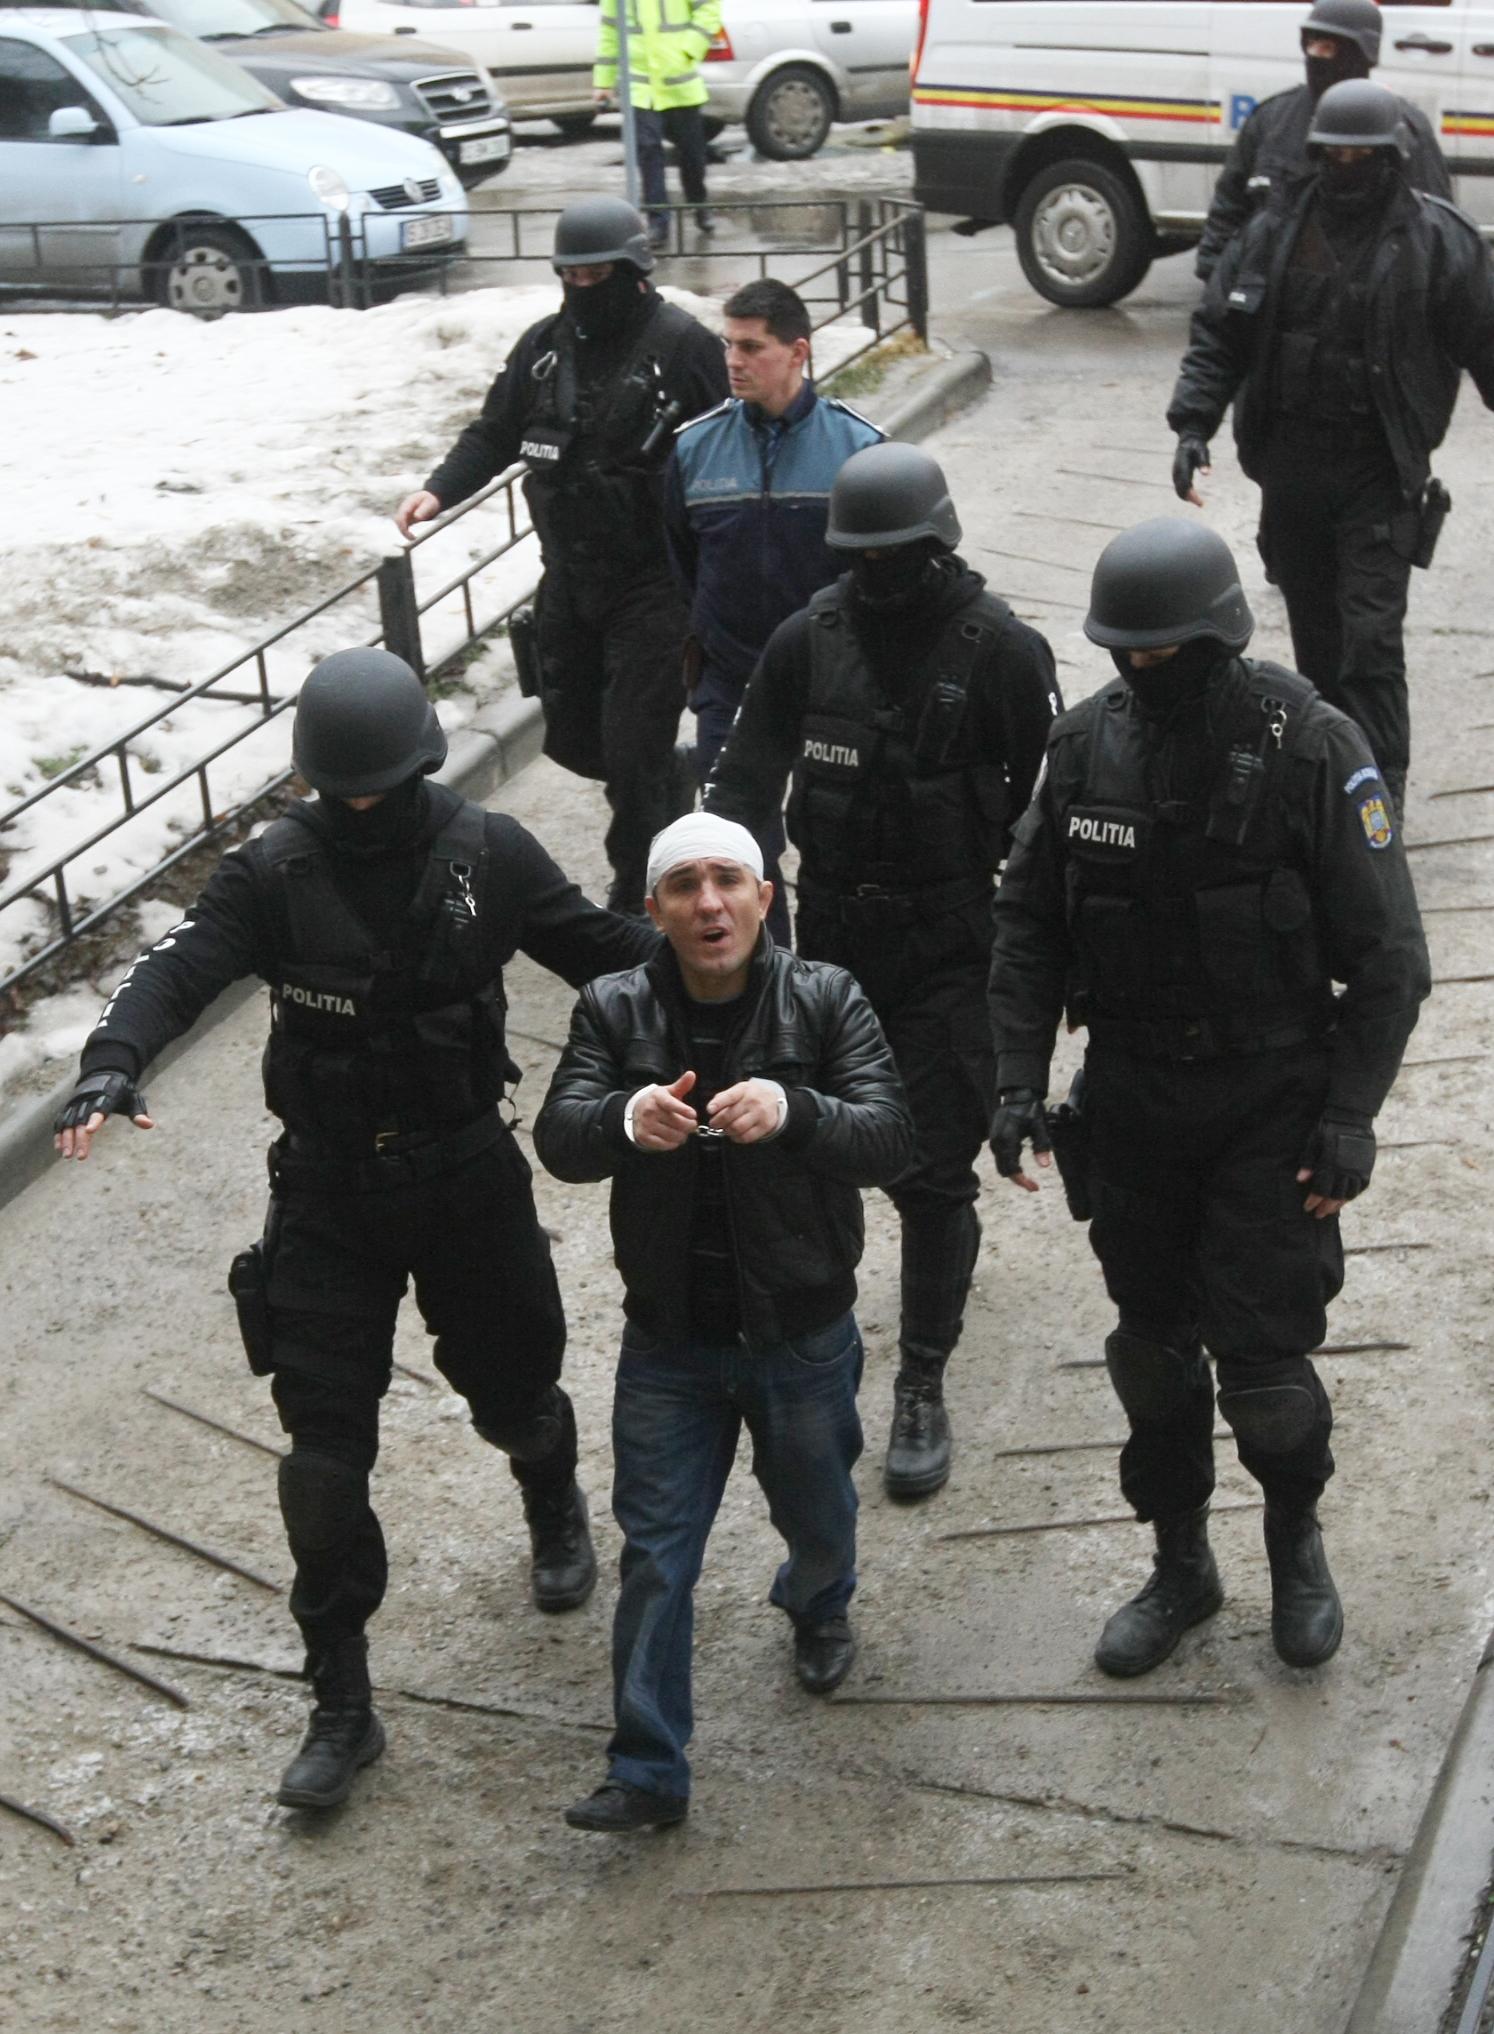 La fiecare arestare, fratii Corduneanu au fost adusi cu o armata de mascati